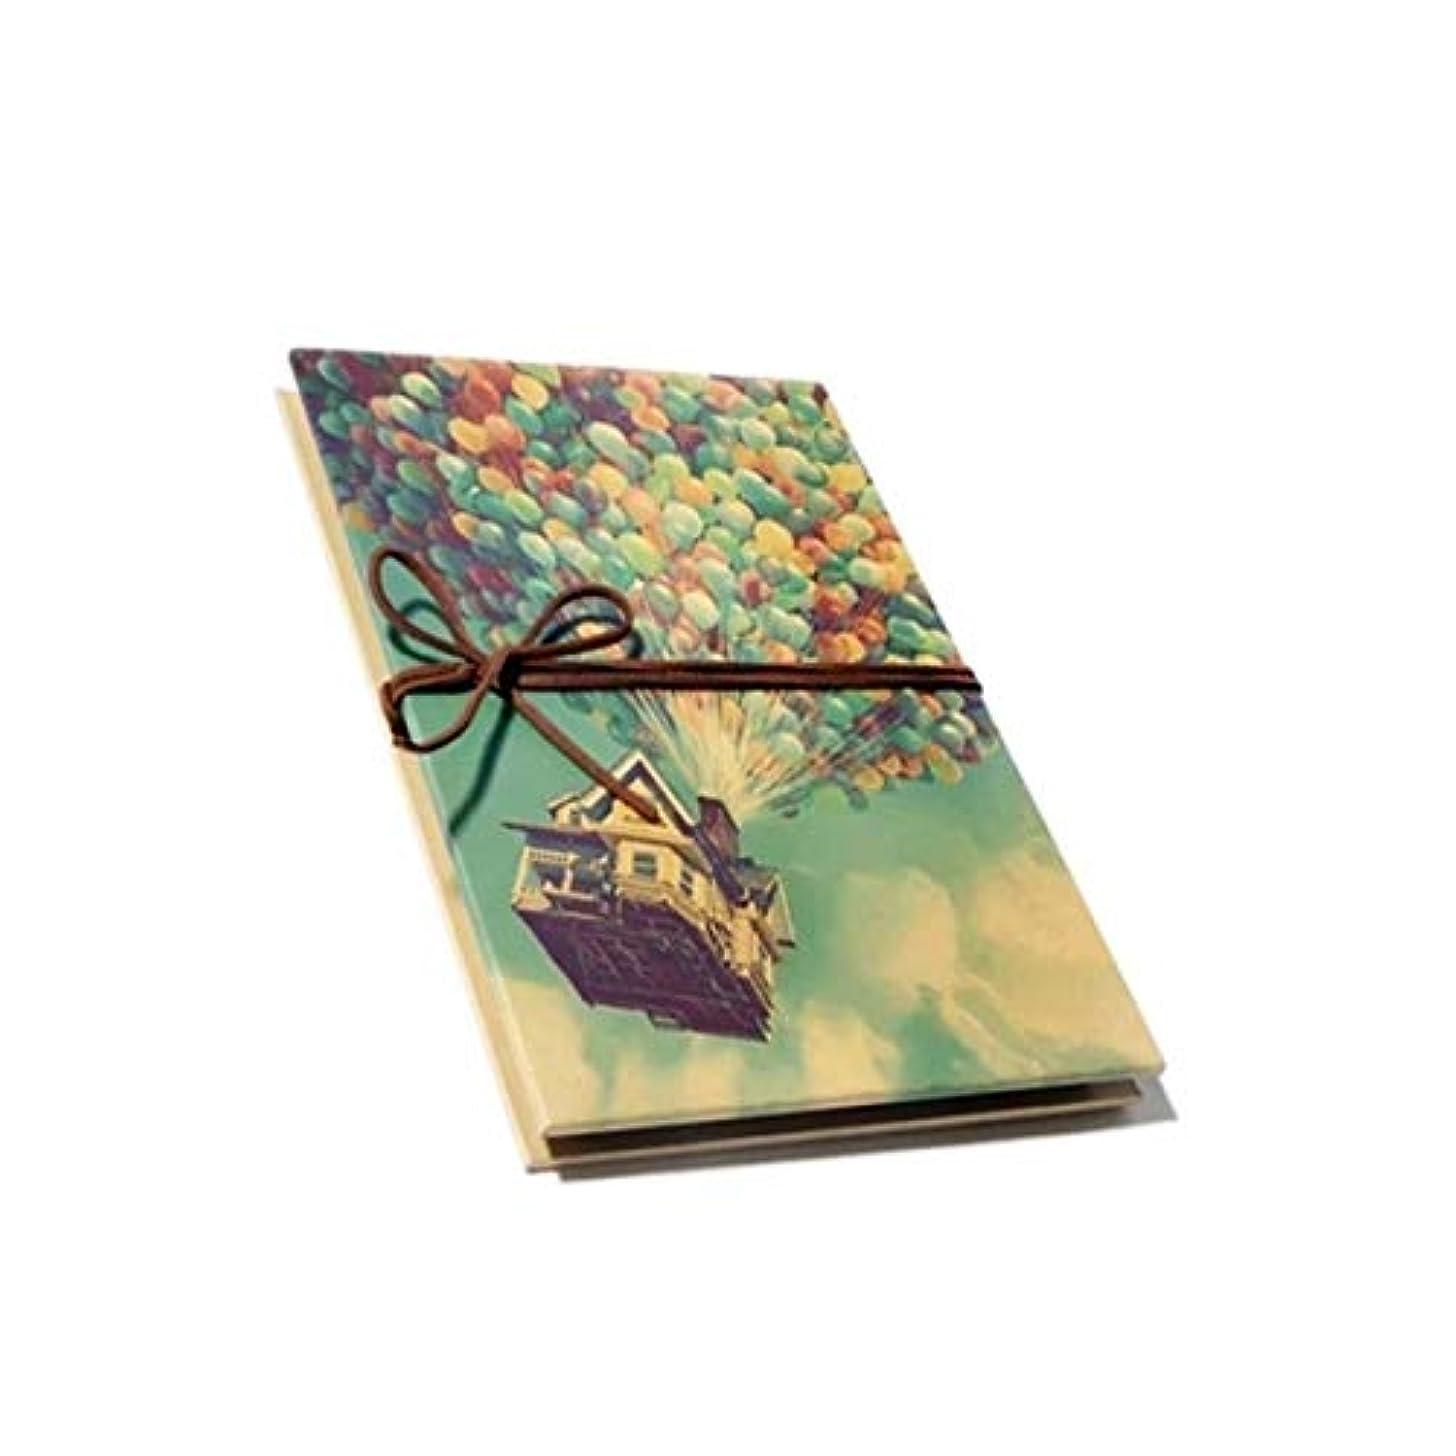 差別パイプ薬剤師HAYQ フォトアルバム、創造的なテーマの手作りの伝統的なフォトアルバム、アコーディオンのテーマペーストはギフトとして使用できます(100枚の写真を収容できます) (Color : Green)